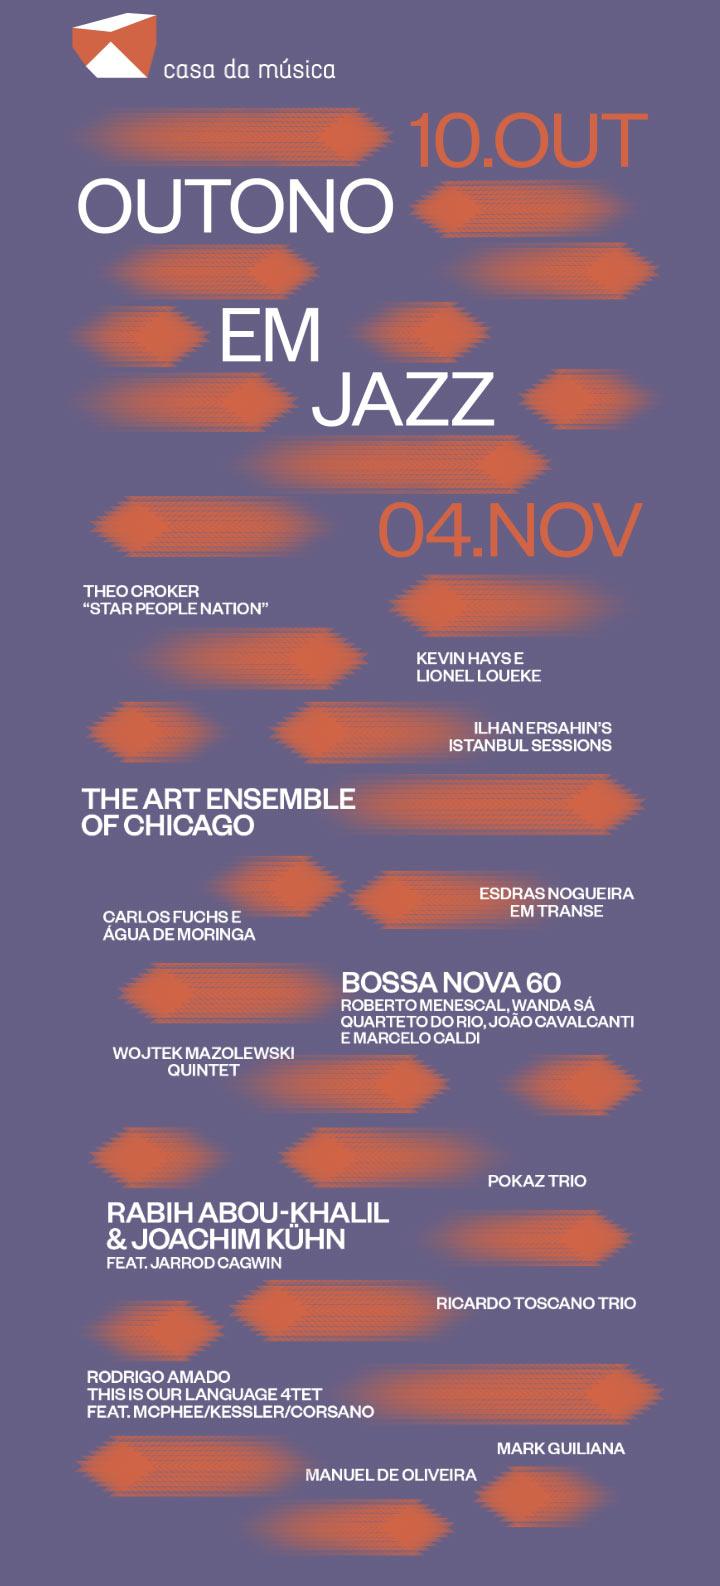 Outono em Jazz · 10 de Outubro a 04 de Novembro